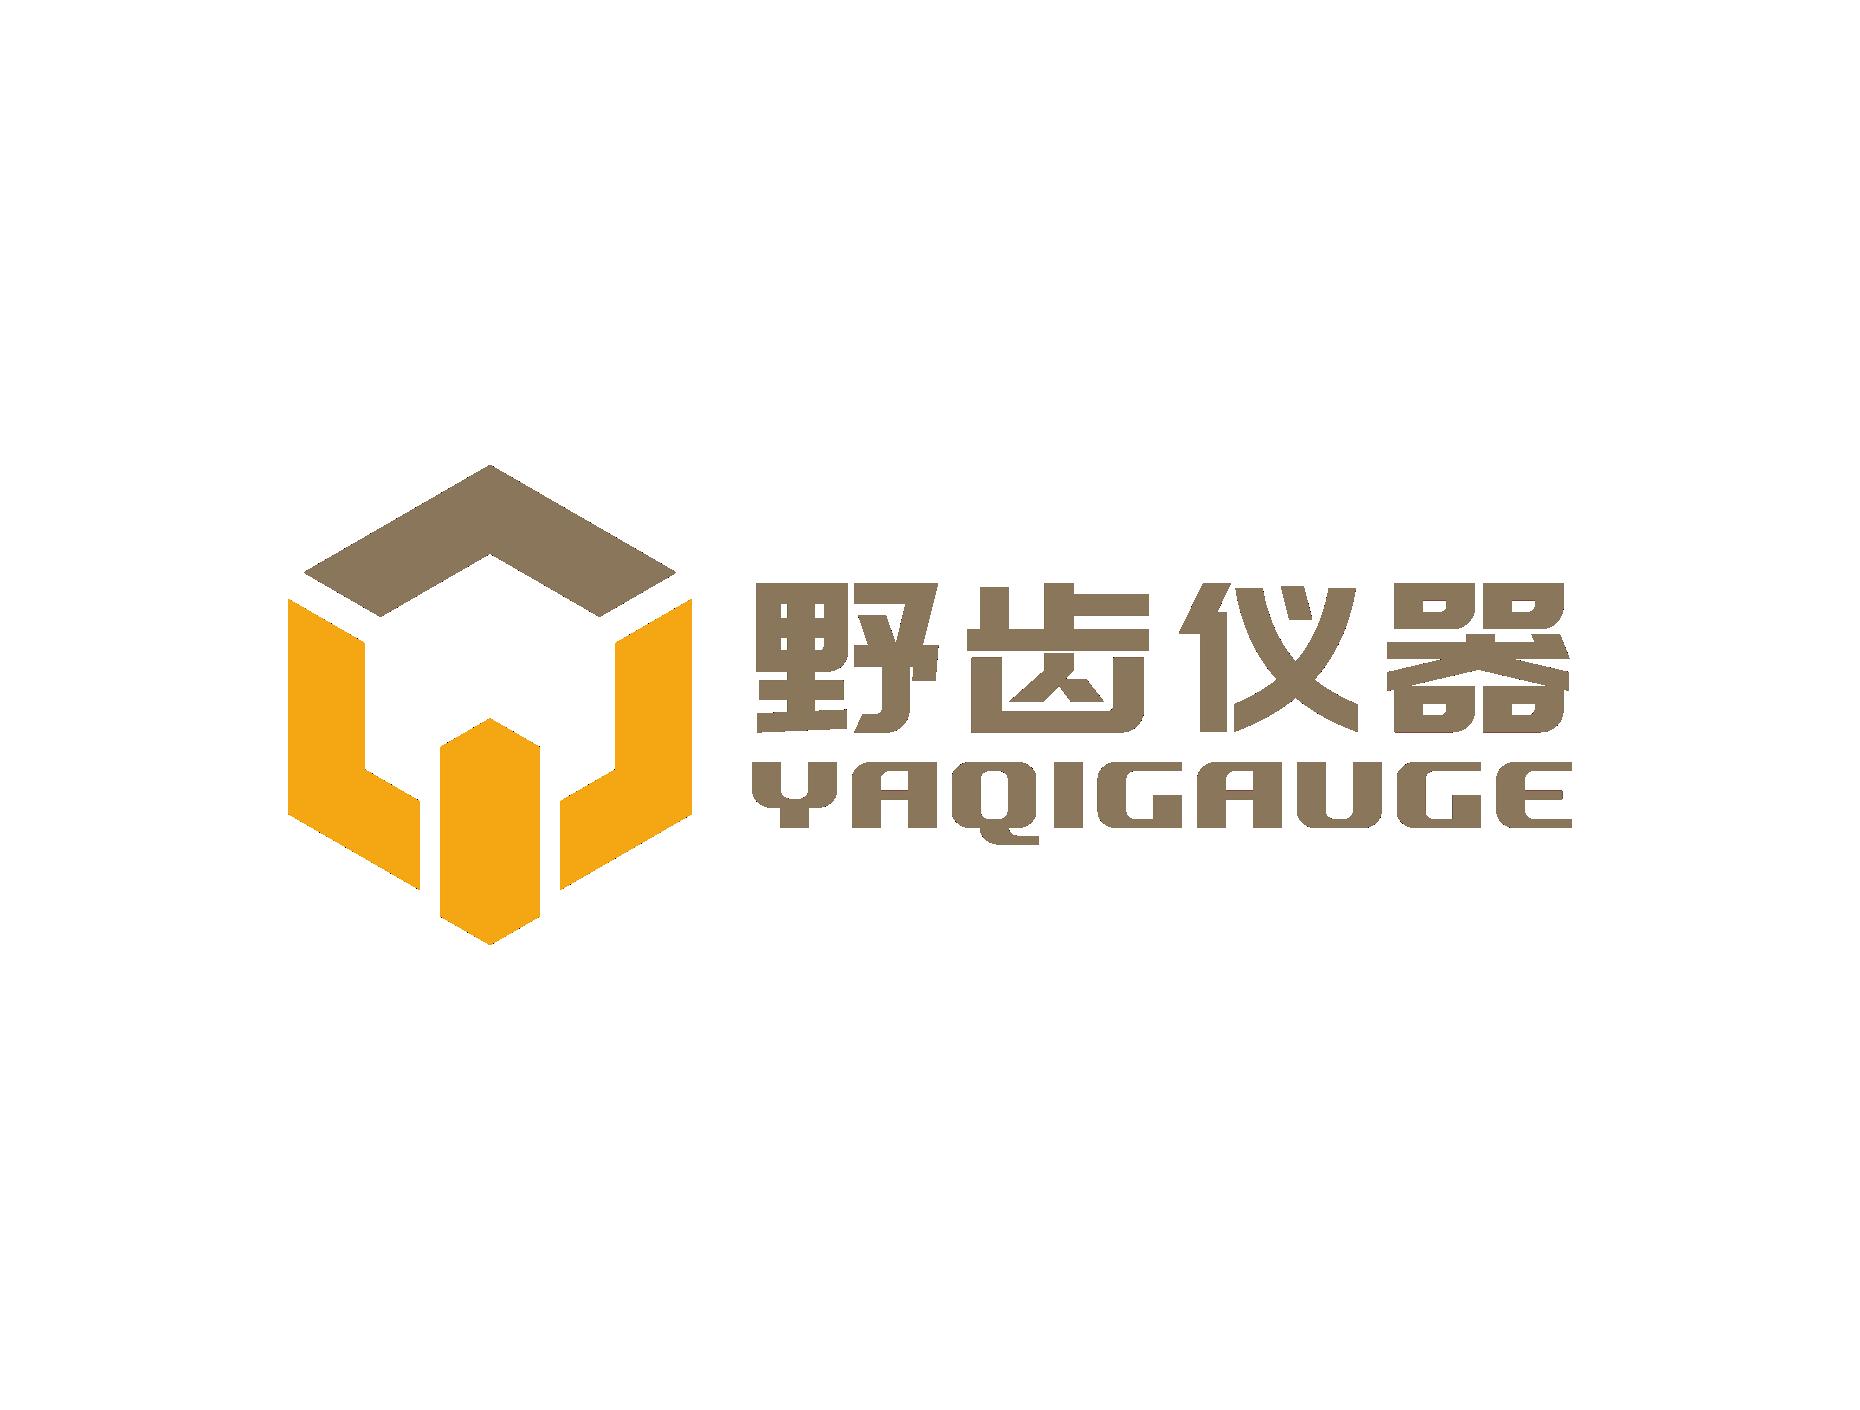 上海野齿仪器科技有限公司